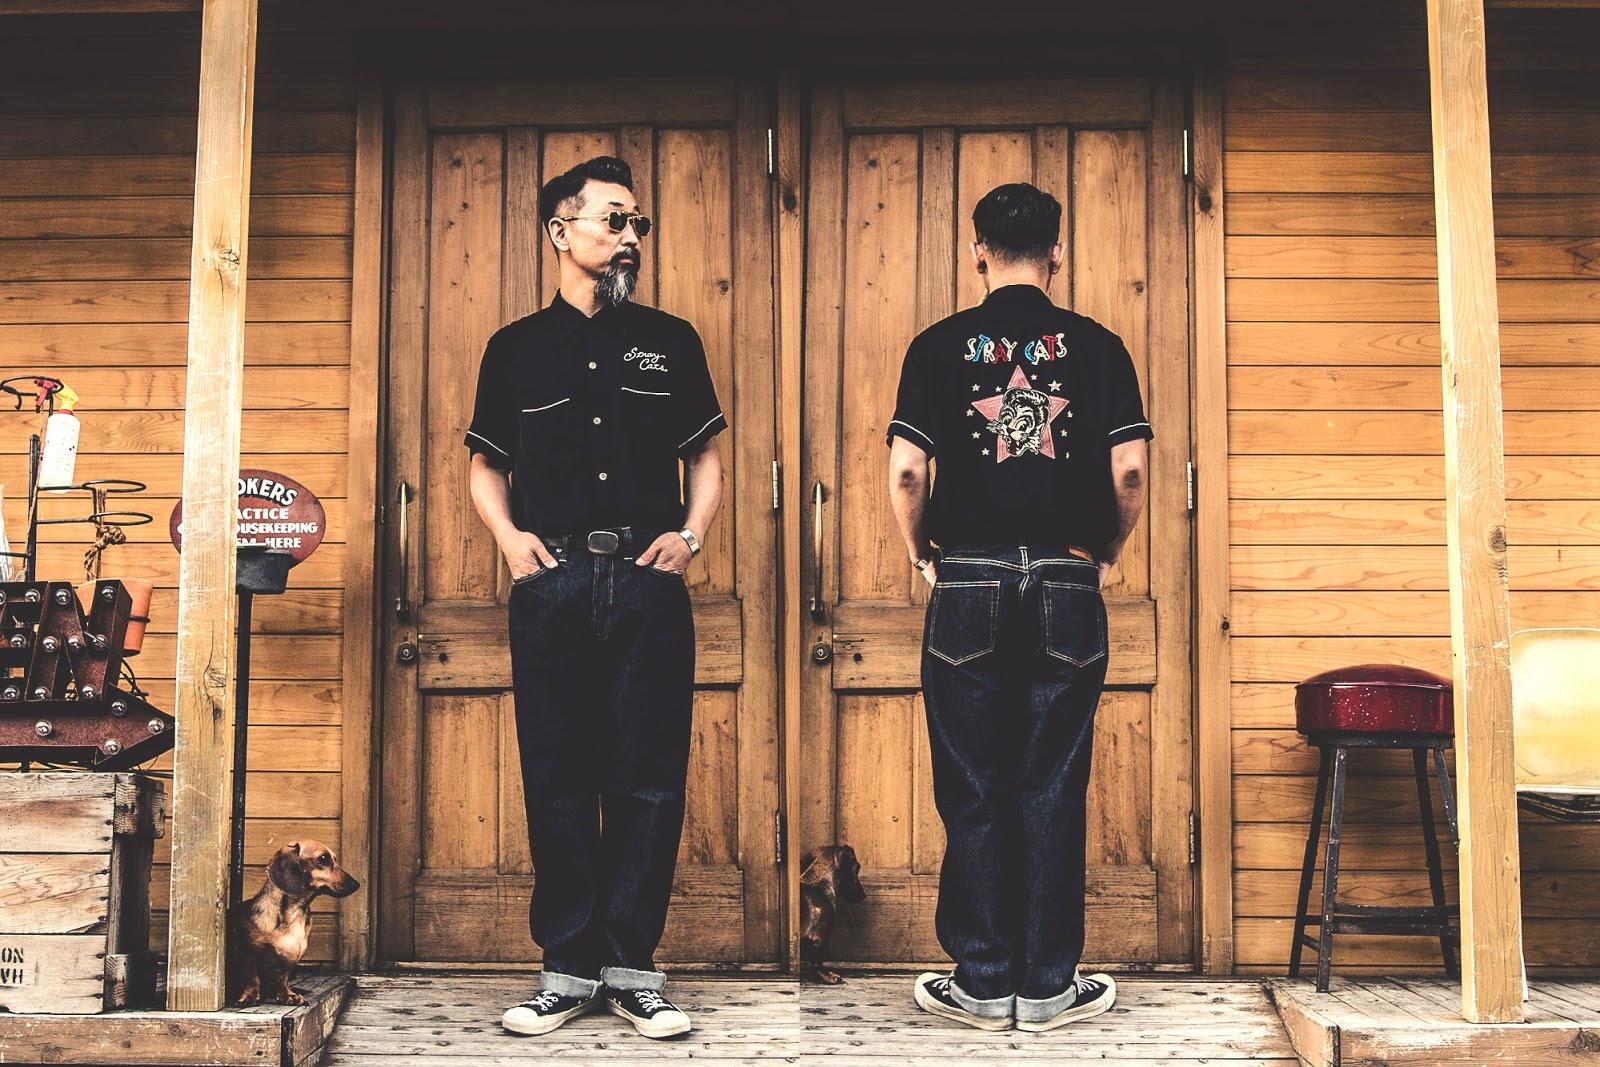 スタイルアイズ ストレイキャッツ ボーリングシャツ アロハシャツ アロハ 無地ボーリングシャツ オープンカラーシャツ フィフティーズシャツ